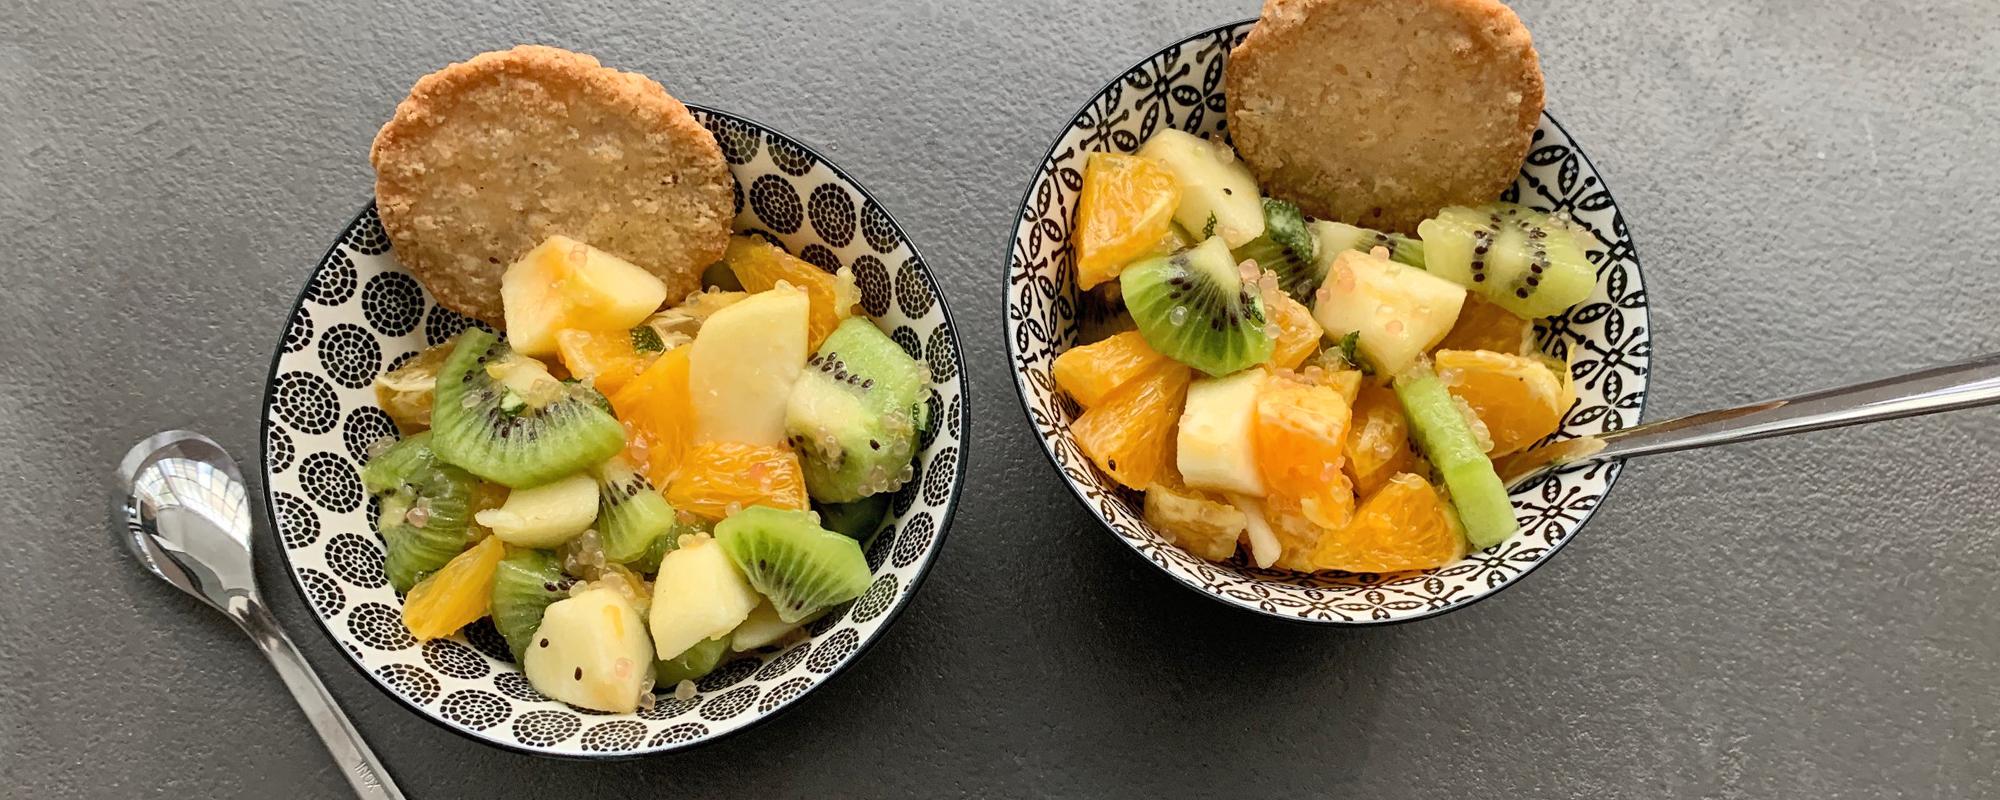 Salade de fruits de printemps au citron caviar et rhum ambré